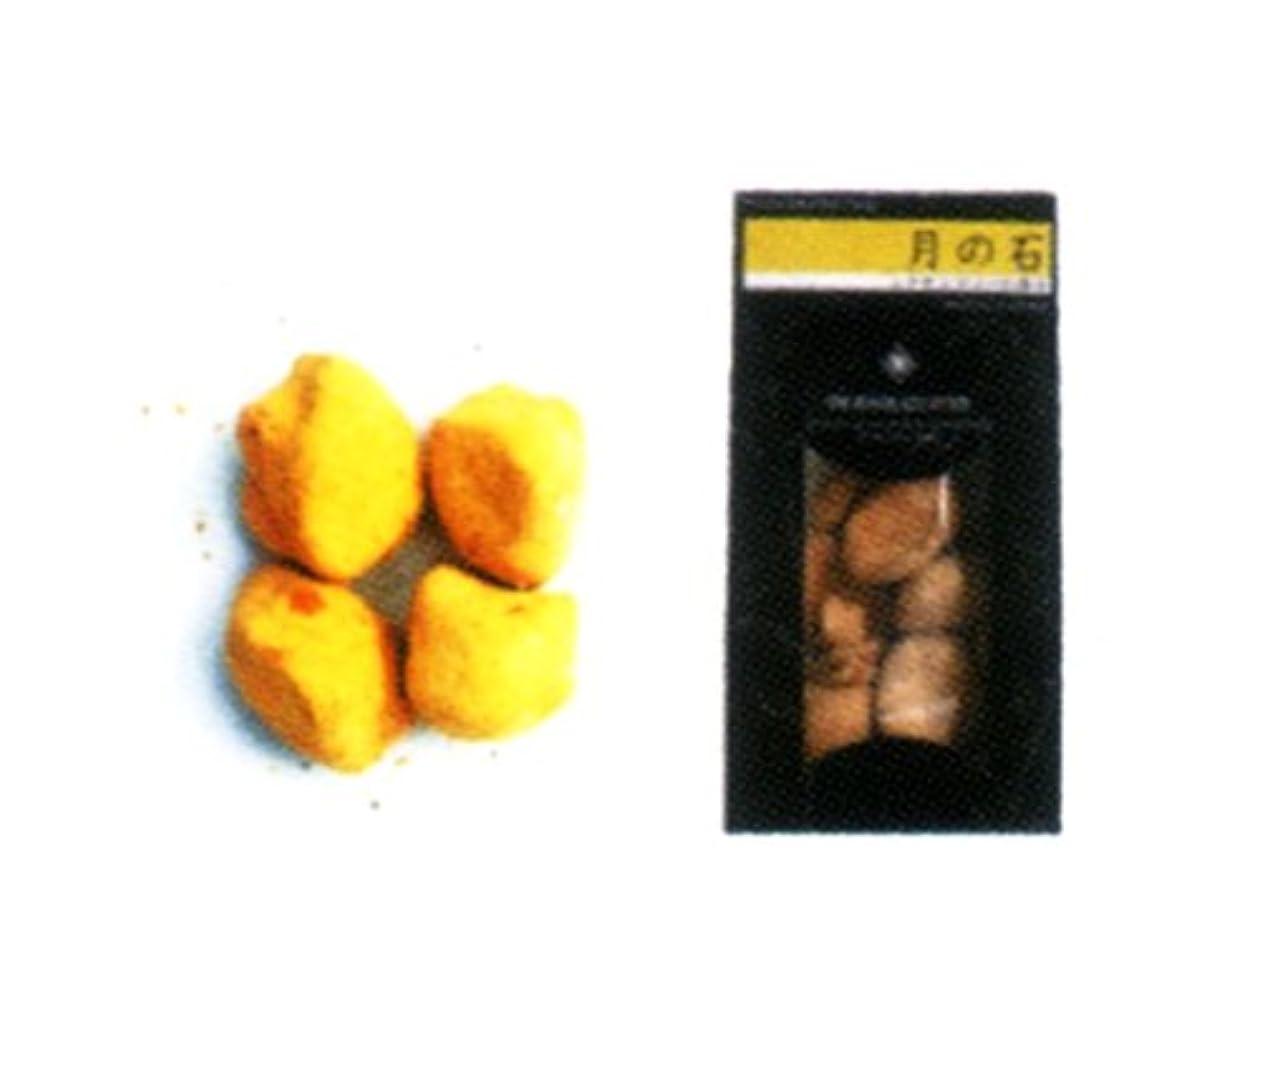 シード男らしさ密インセンスヘブン(100%天然手作りのお香) 月の石